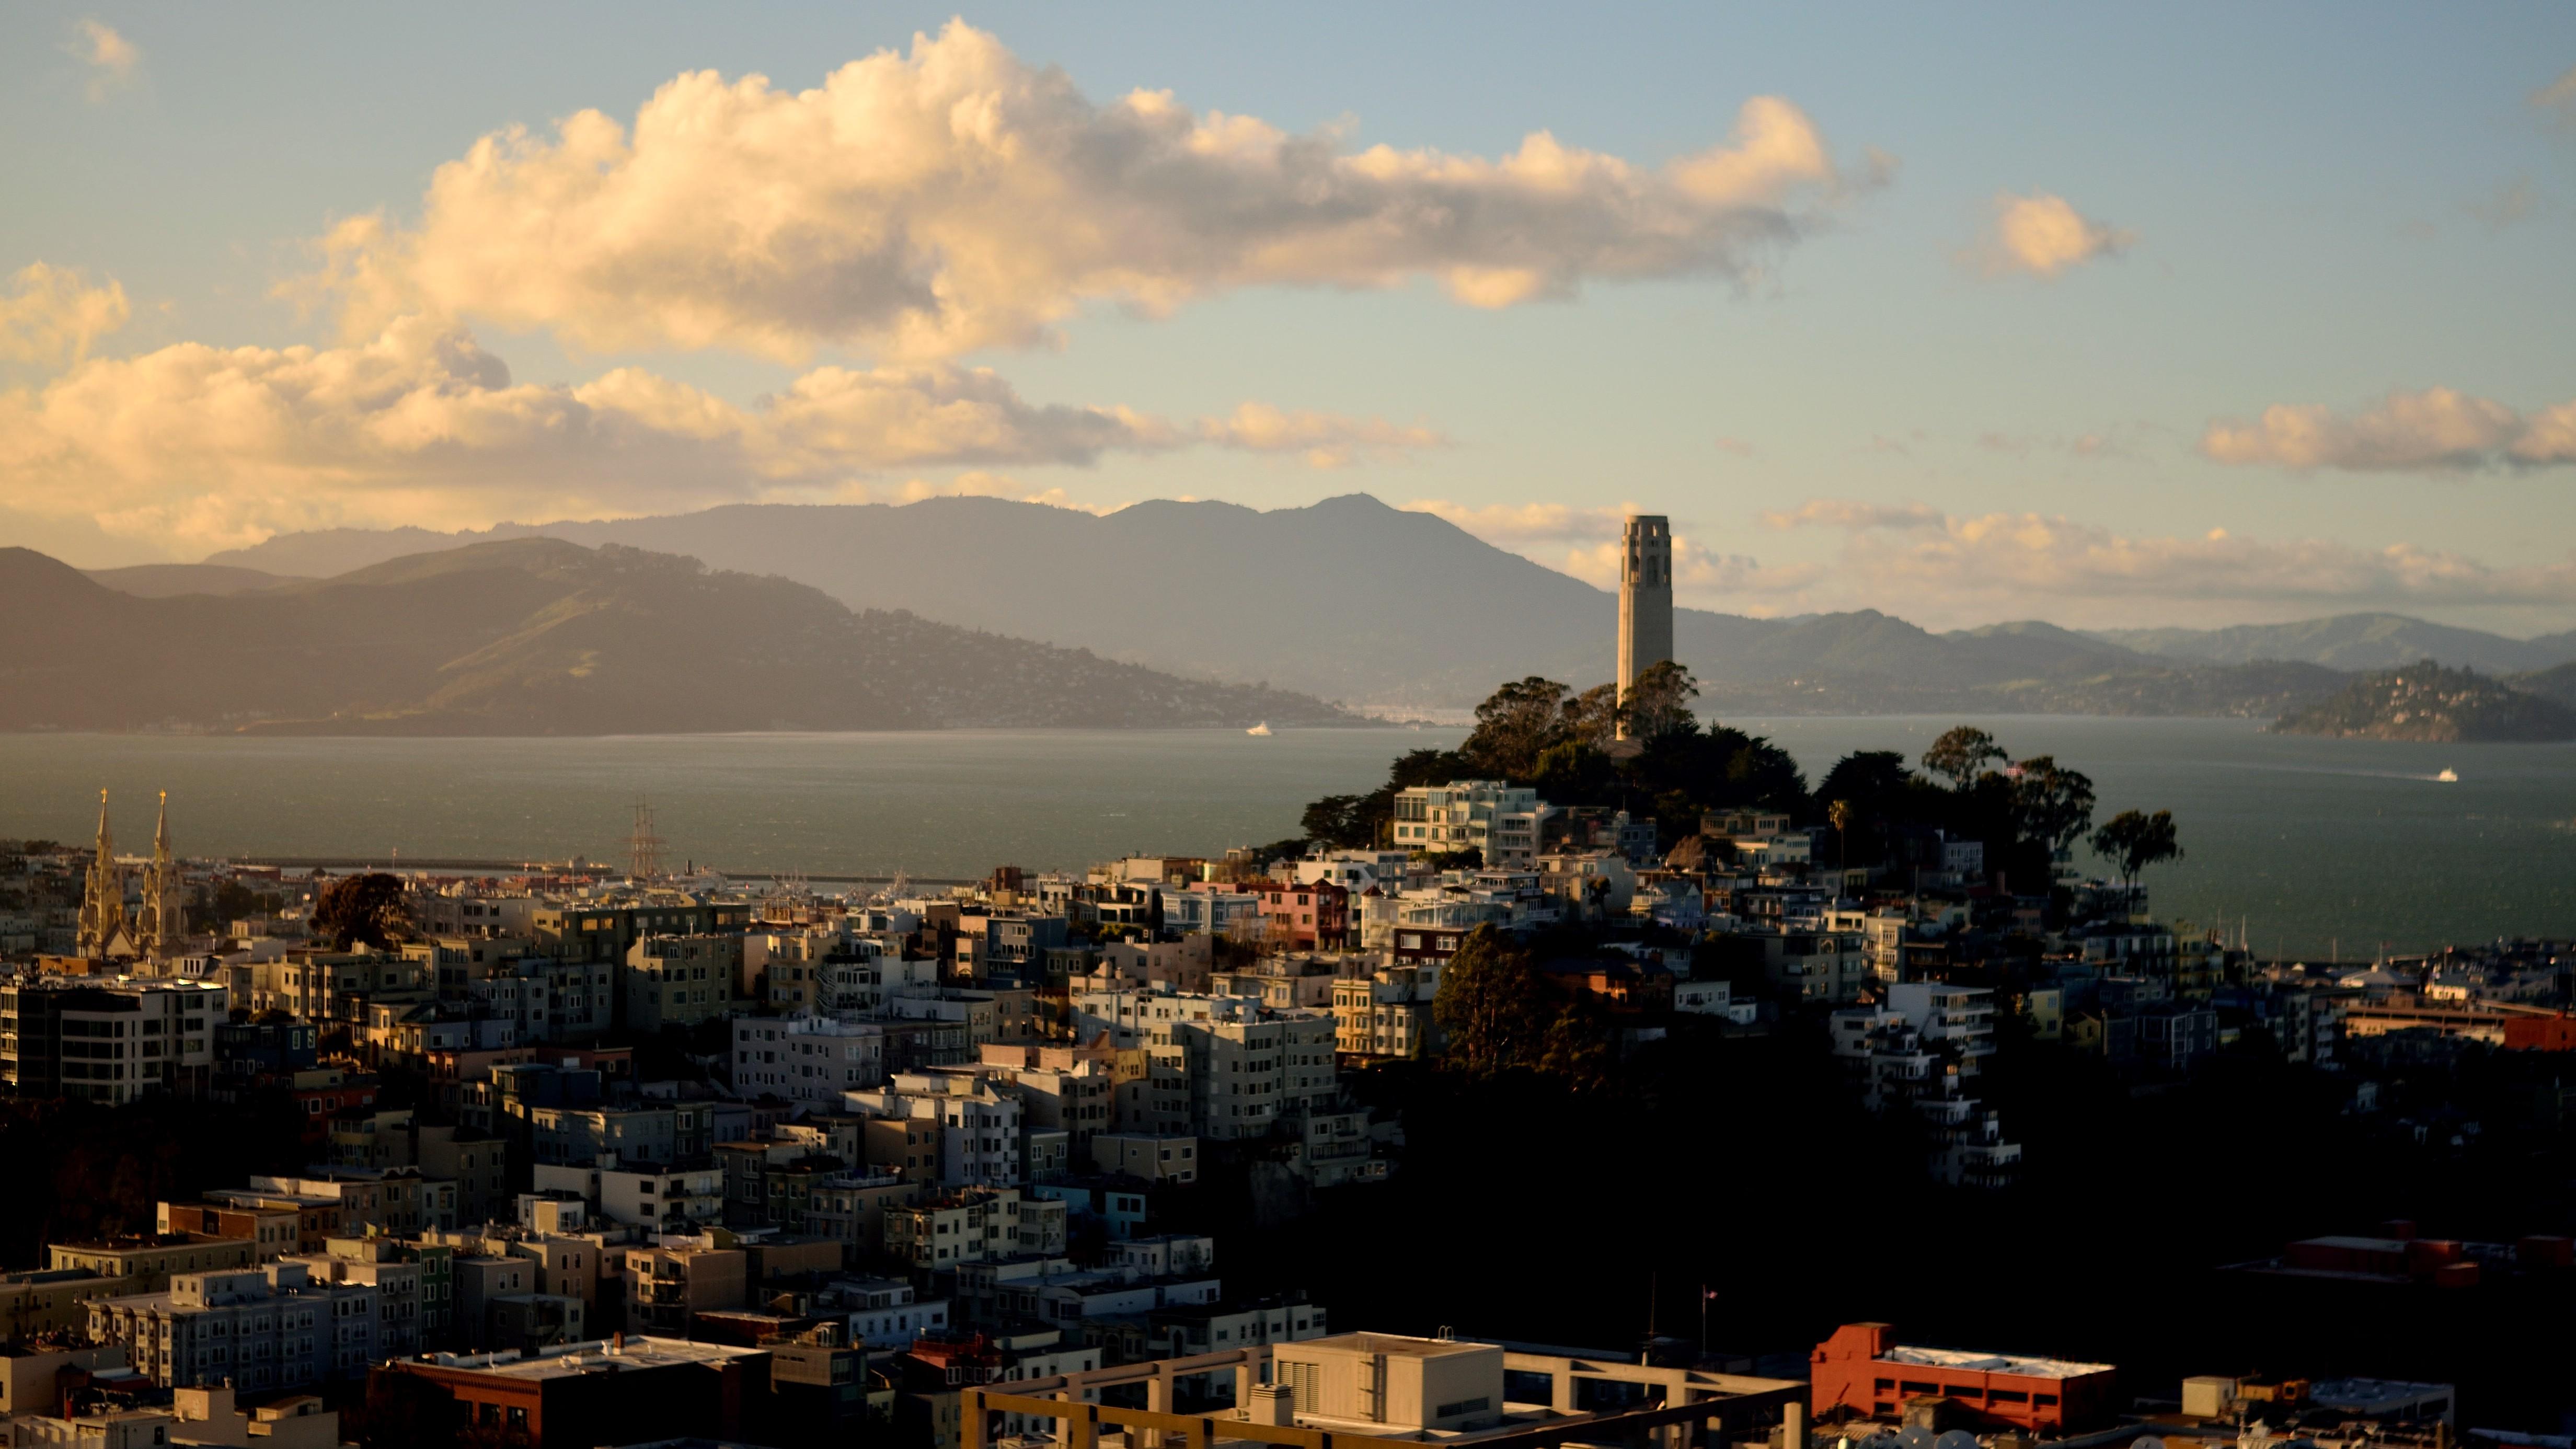 78733壁紙のダウンロード建物, タワー, 塔, 市, 都市, 海, 山脈-スクリーンセーバーと写真を無料で